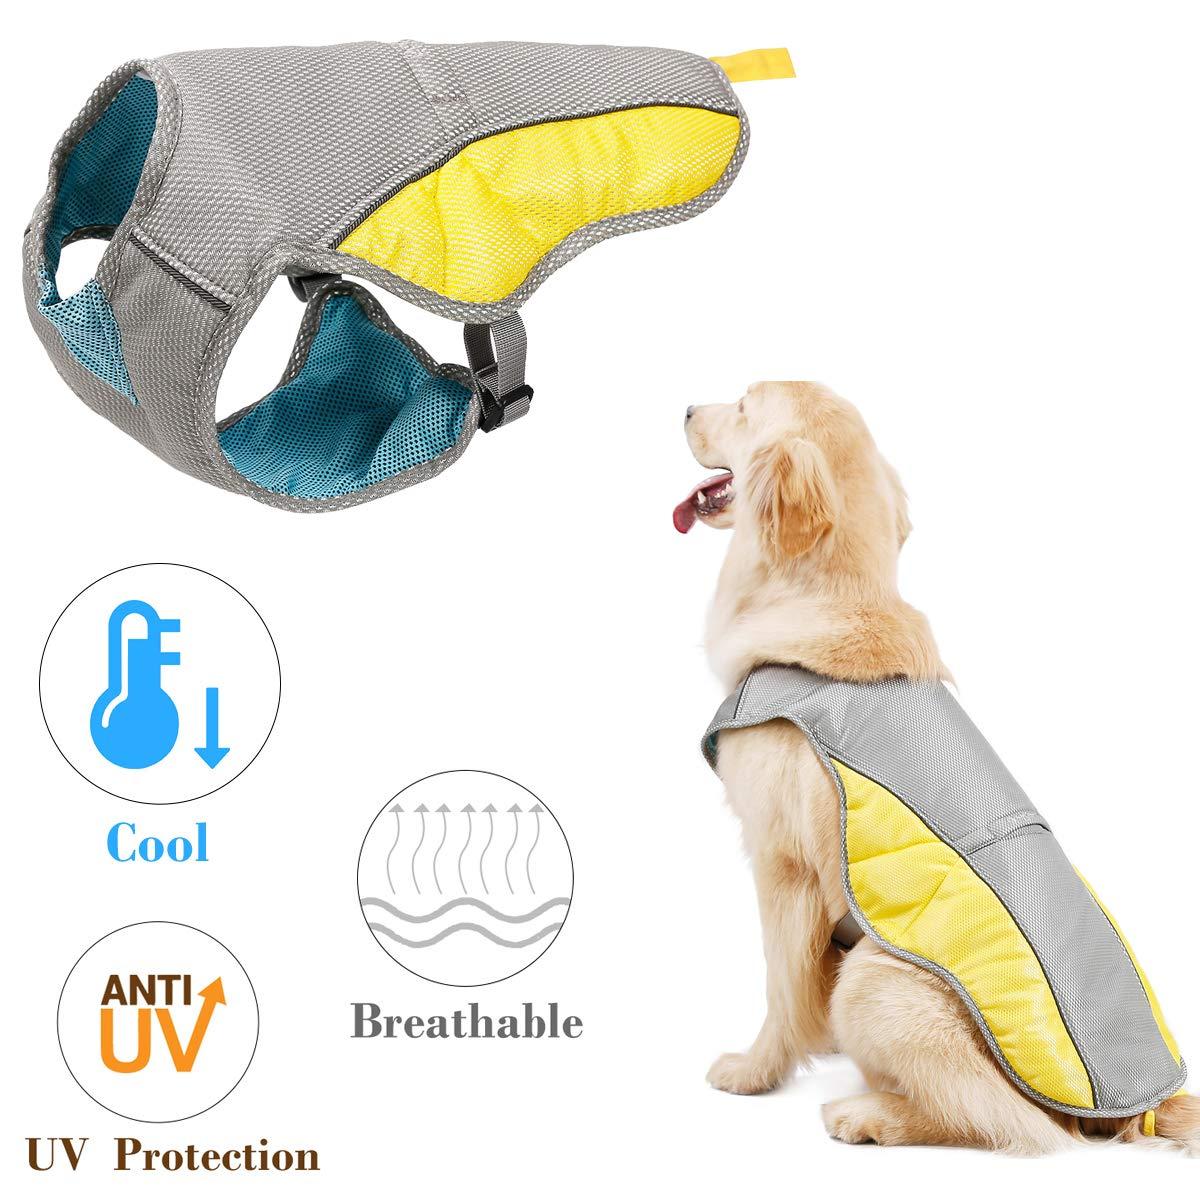 Kismaple Reflective Adjustable Dog Cooling Vest for Small Medium Large Dogs Puppy Cooling Jacket Pet Breathable Cooling Coat Summer Vest